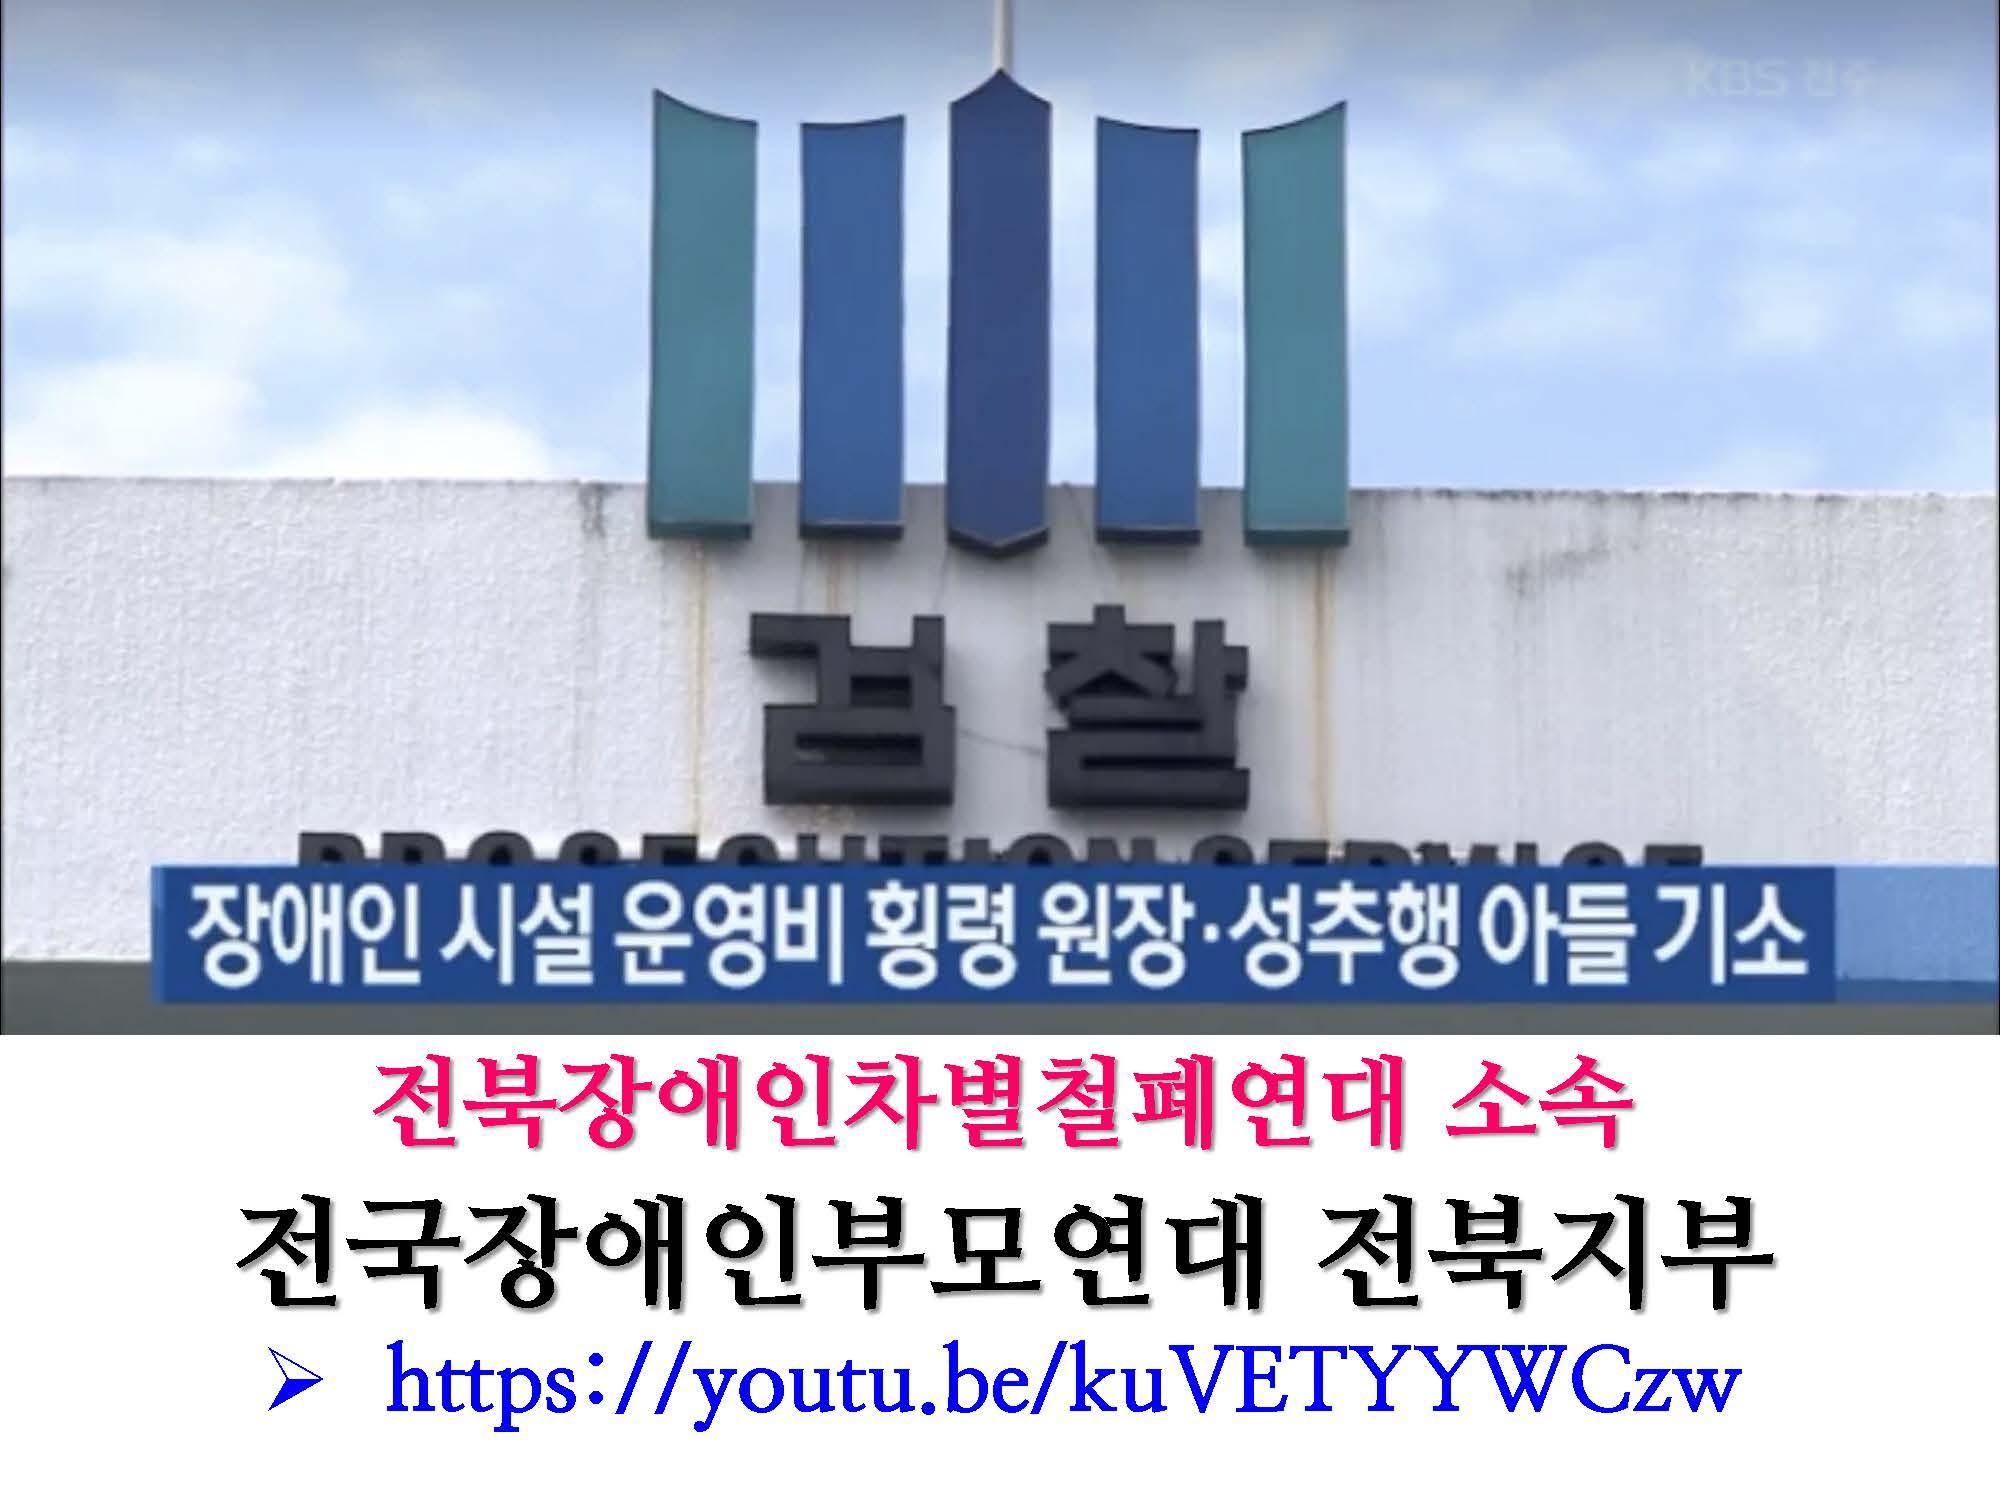 2019년 평화주민사랑방 활동 및 결산보고(PDF)_페이지_02.jpg